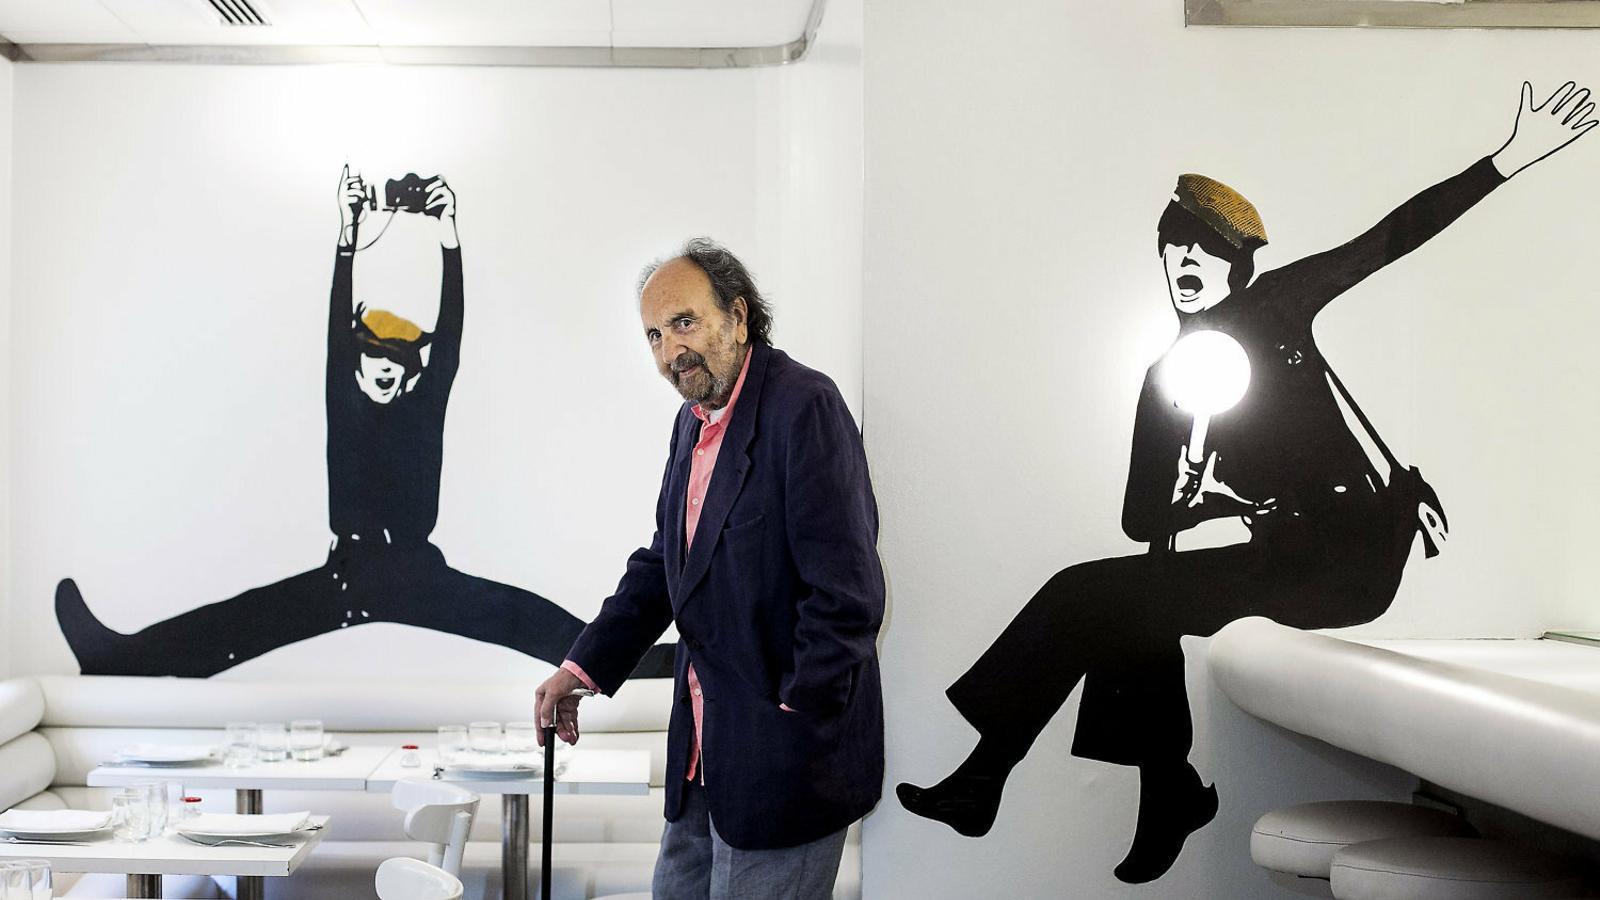 Mor als 87 anys el fotògraf Leopoldo Pomés